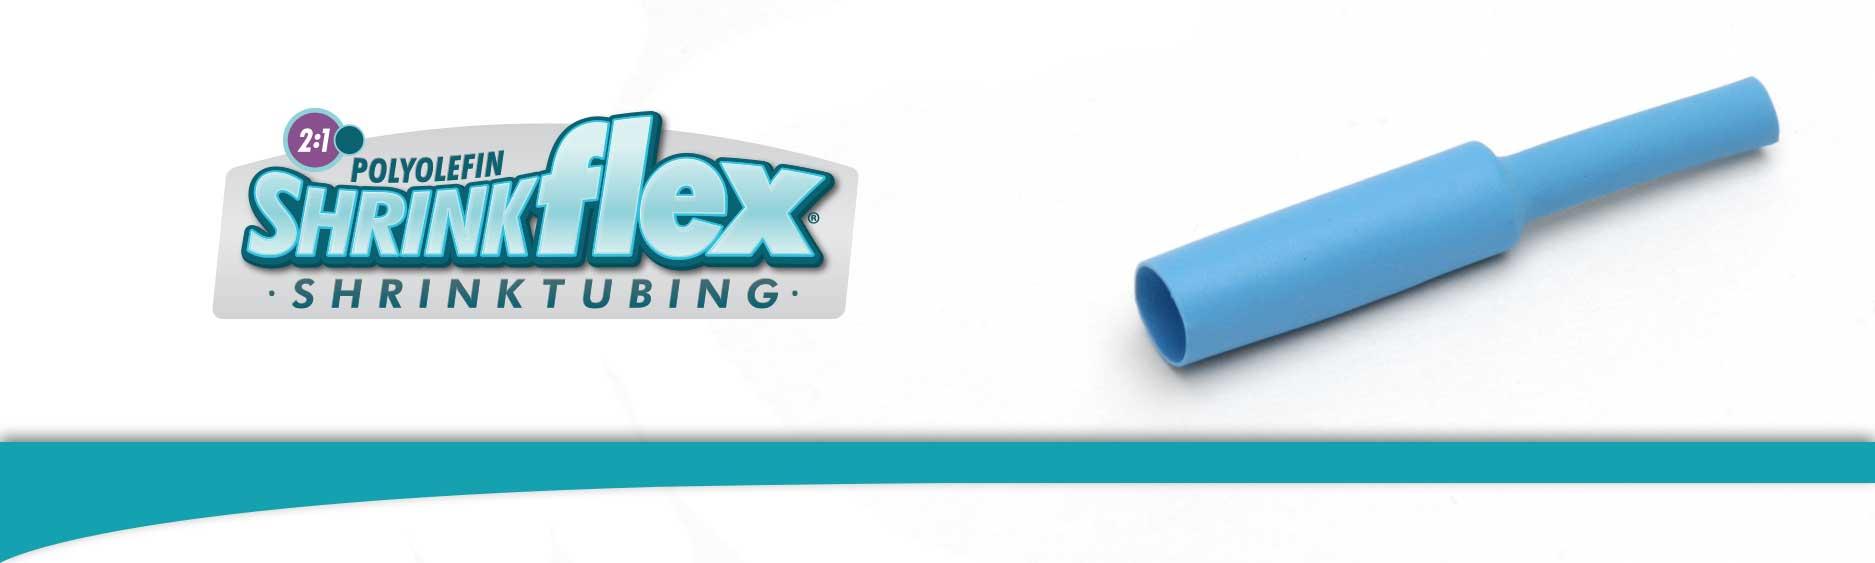 Heatshrink Tubing        2/1